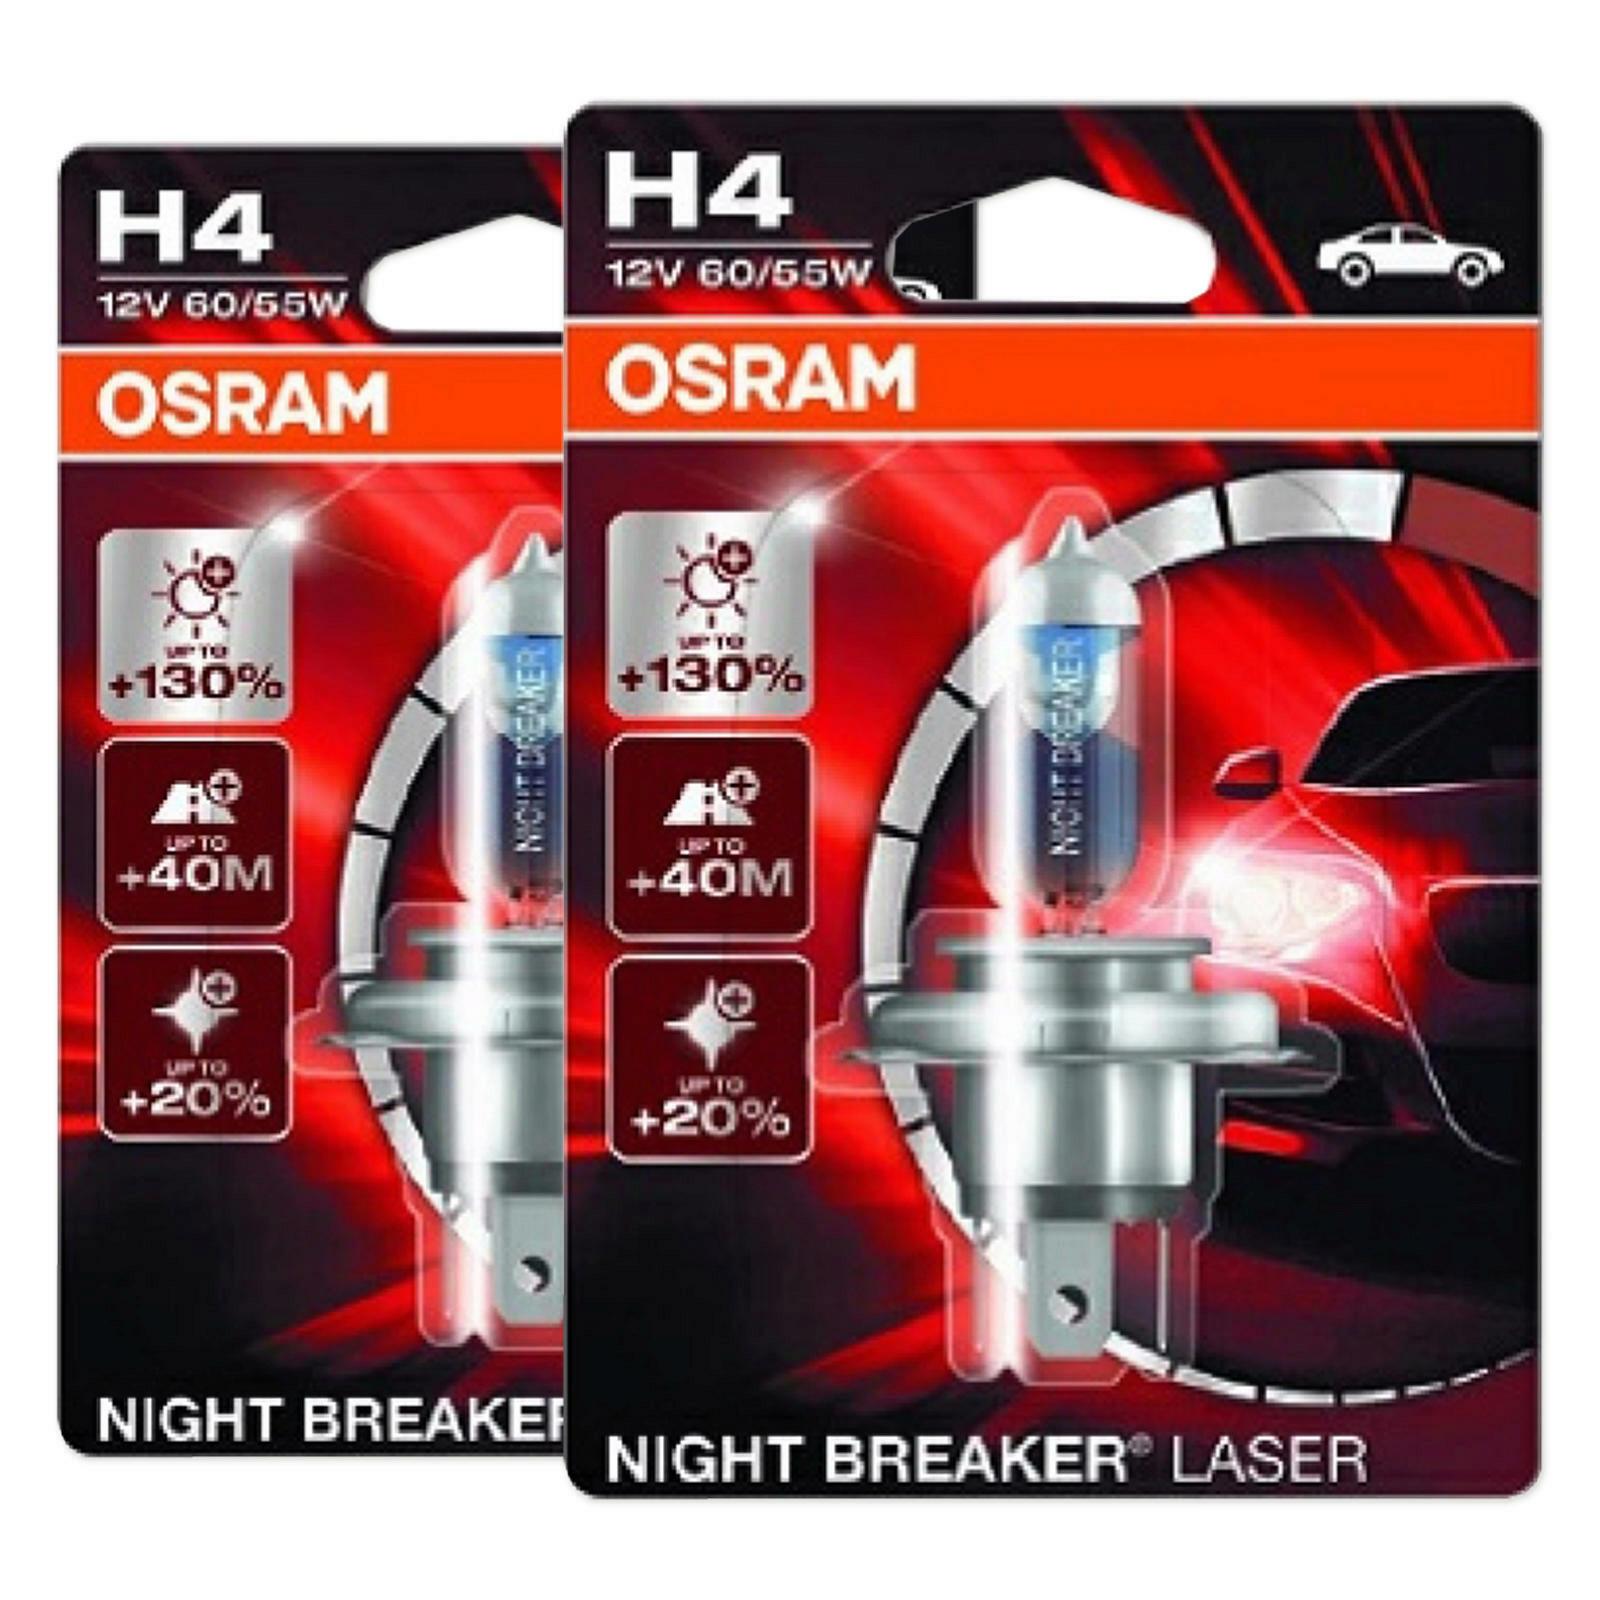 2x OSRAM NIGHT BREAKER LASER H4